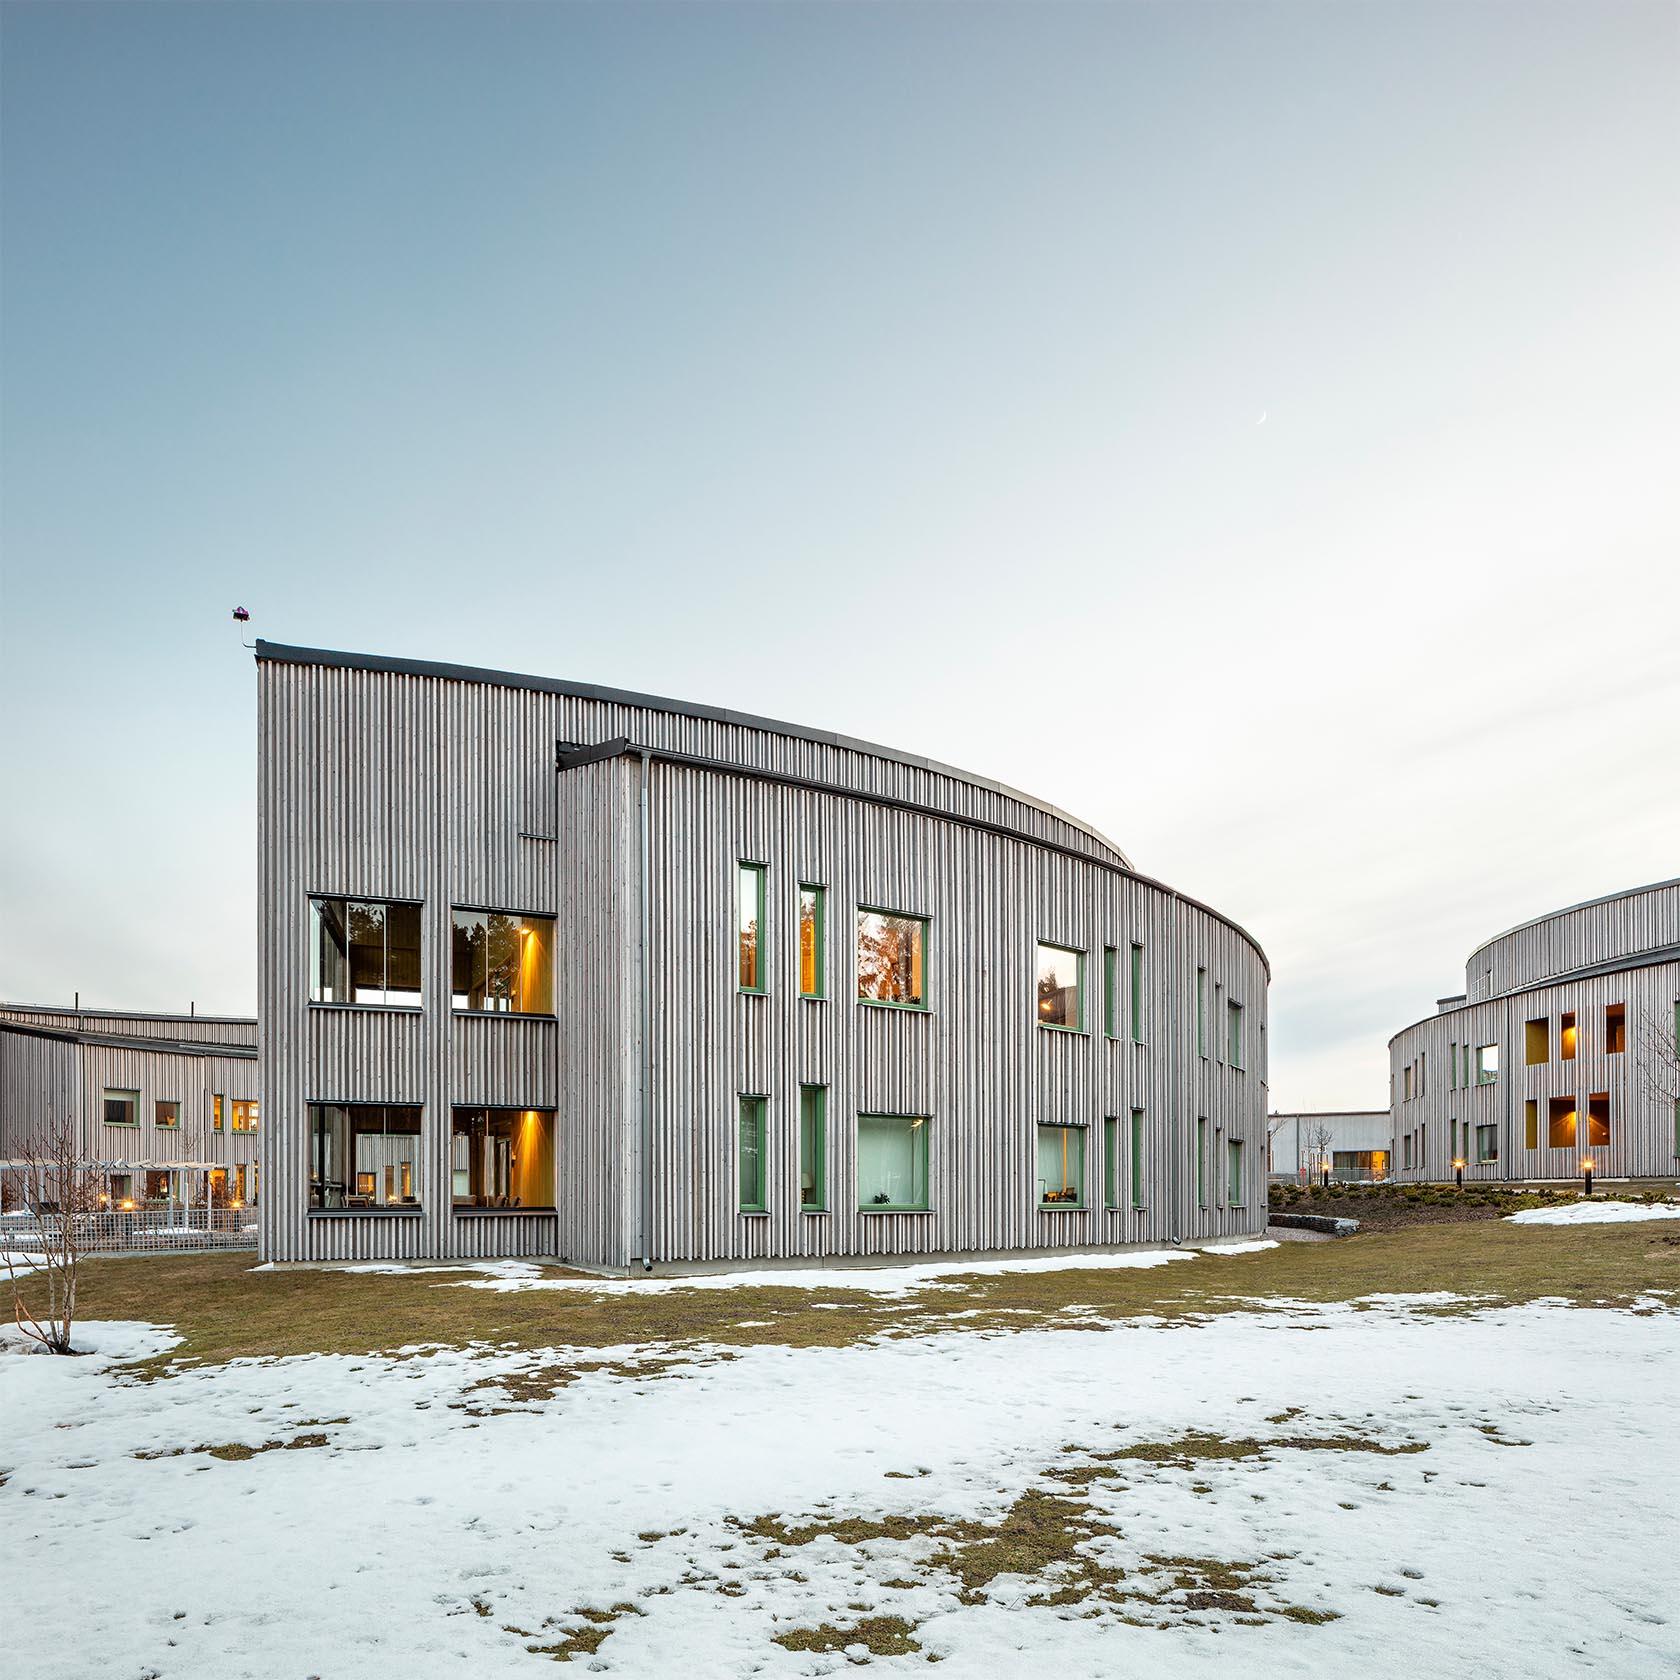 Byggnad formad efter en hästsko